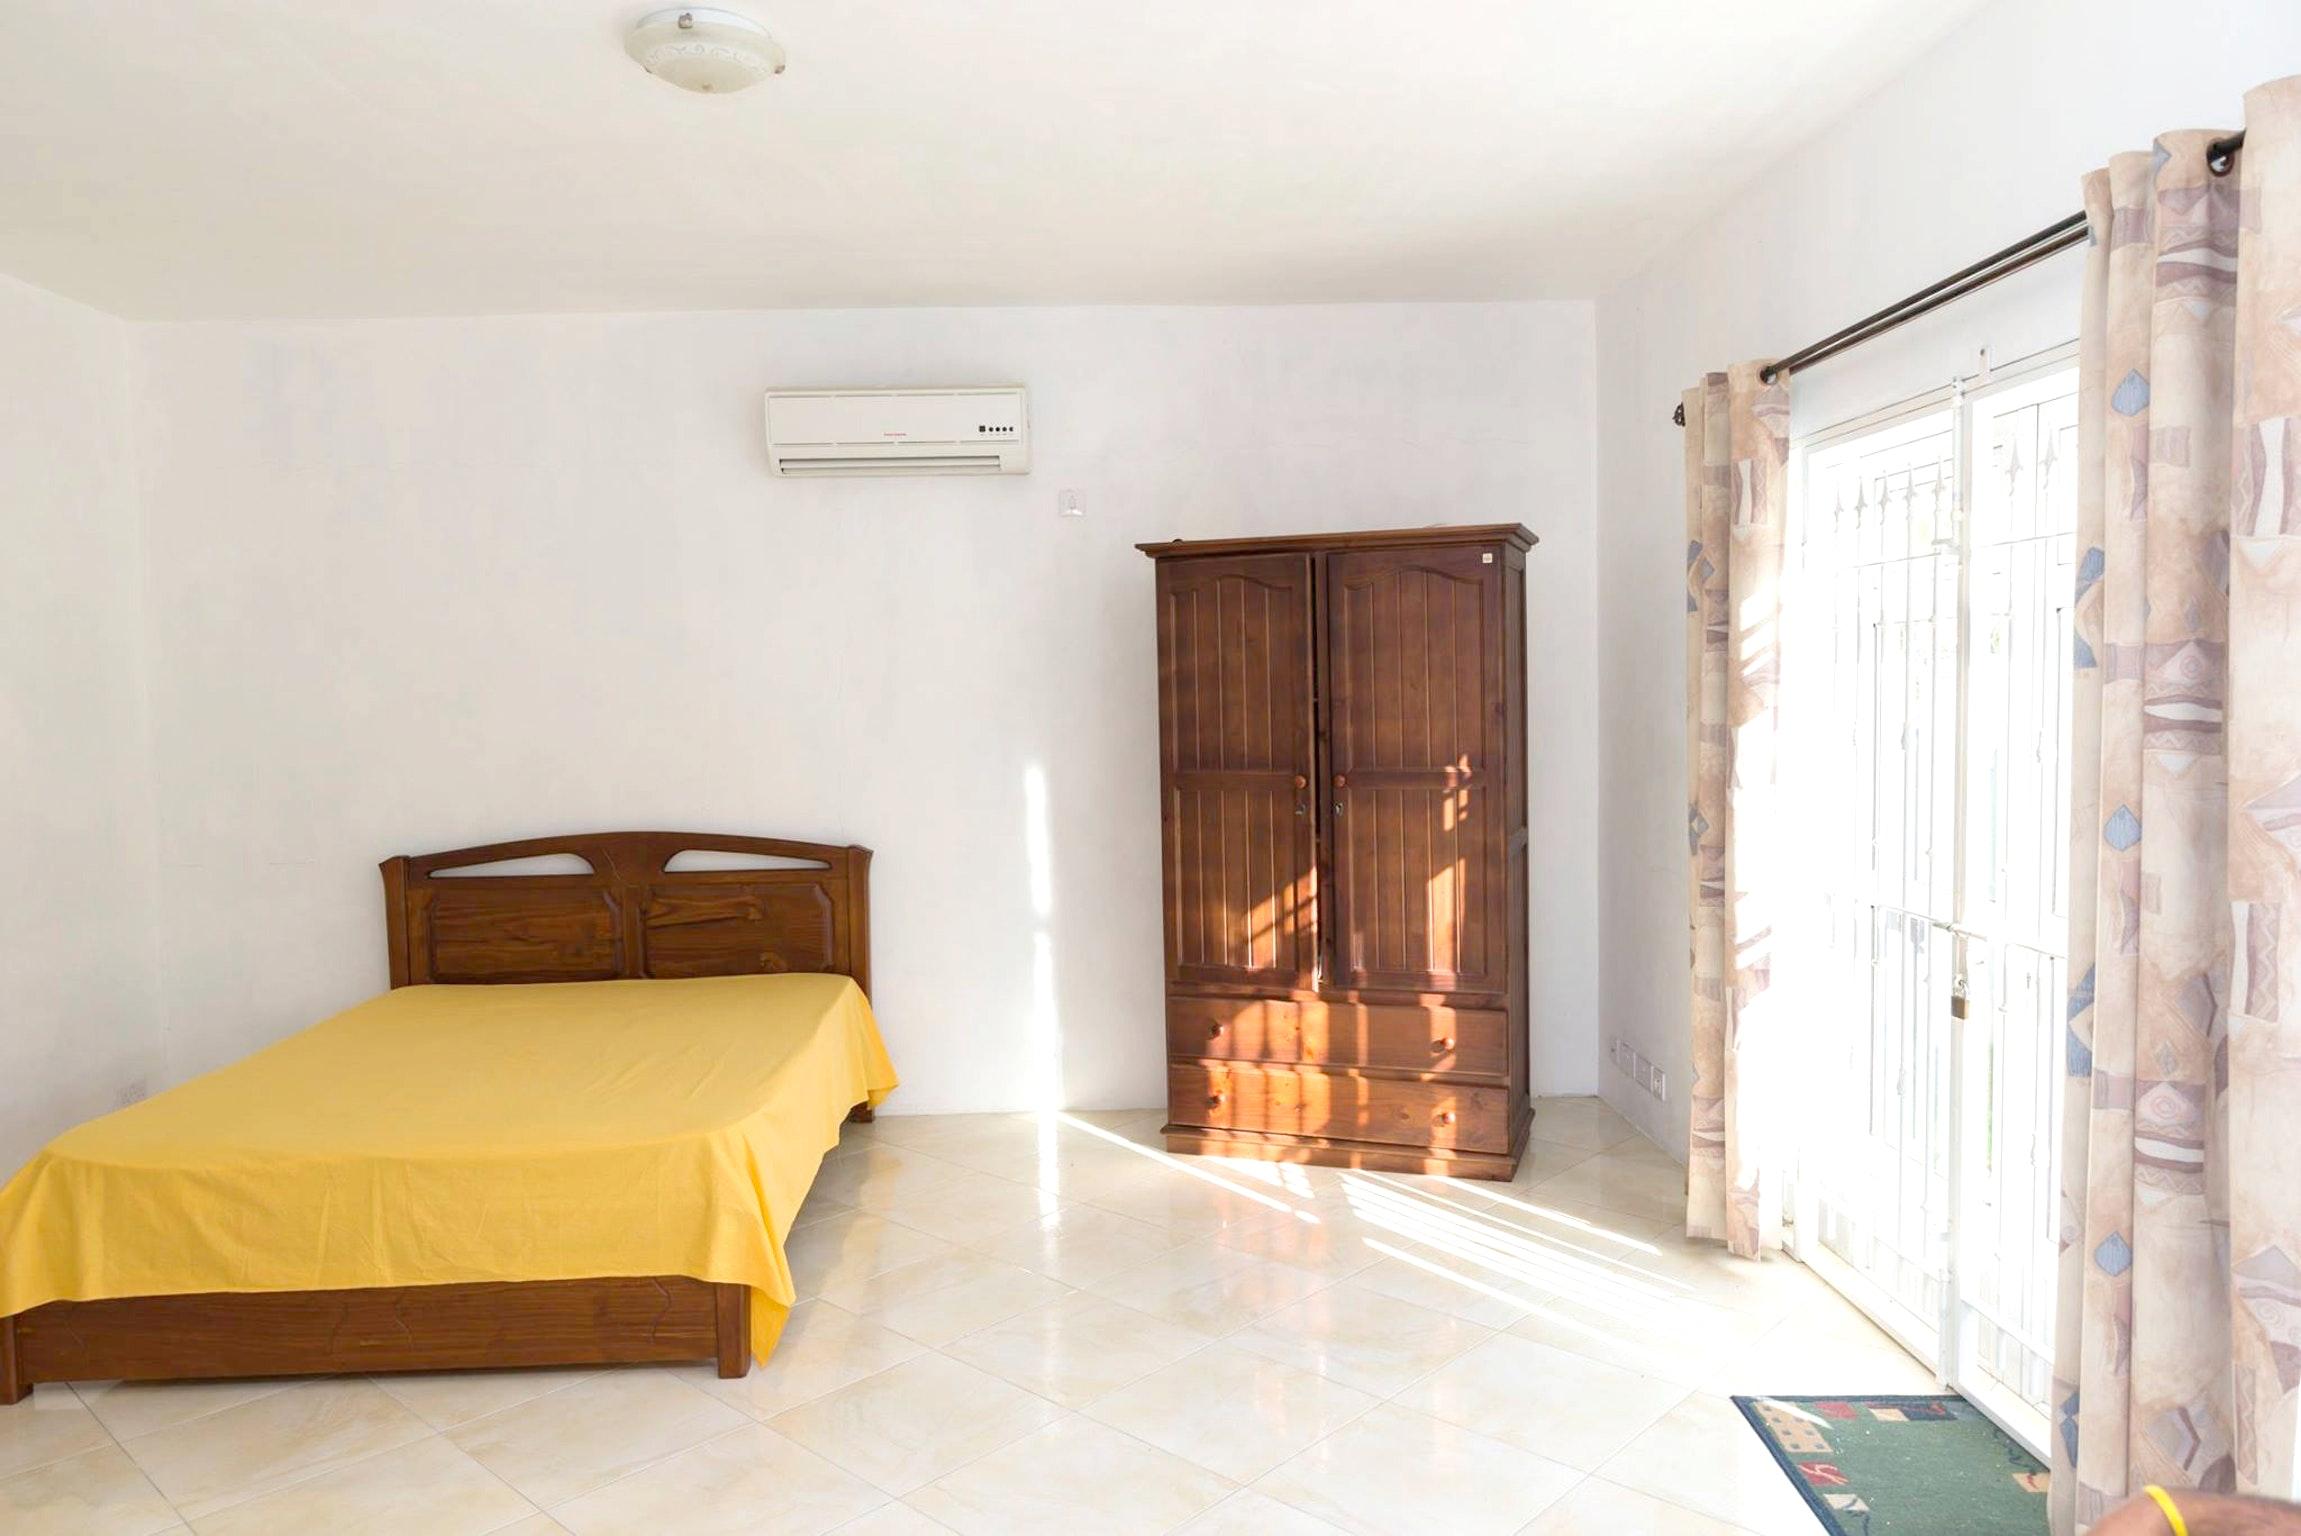 Villa mit 3 Schlafzimmern in Pamplemousses mit tol Villa in Afrika